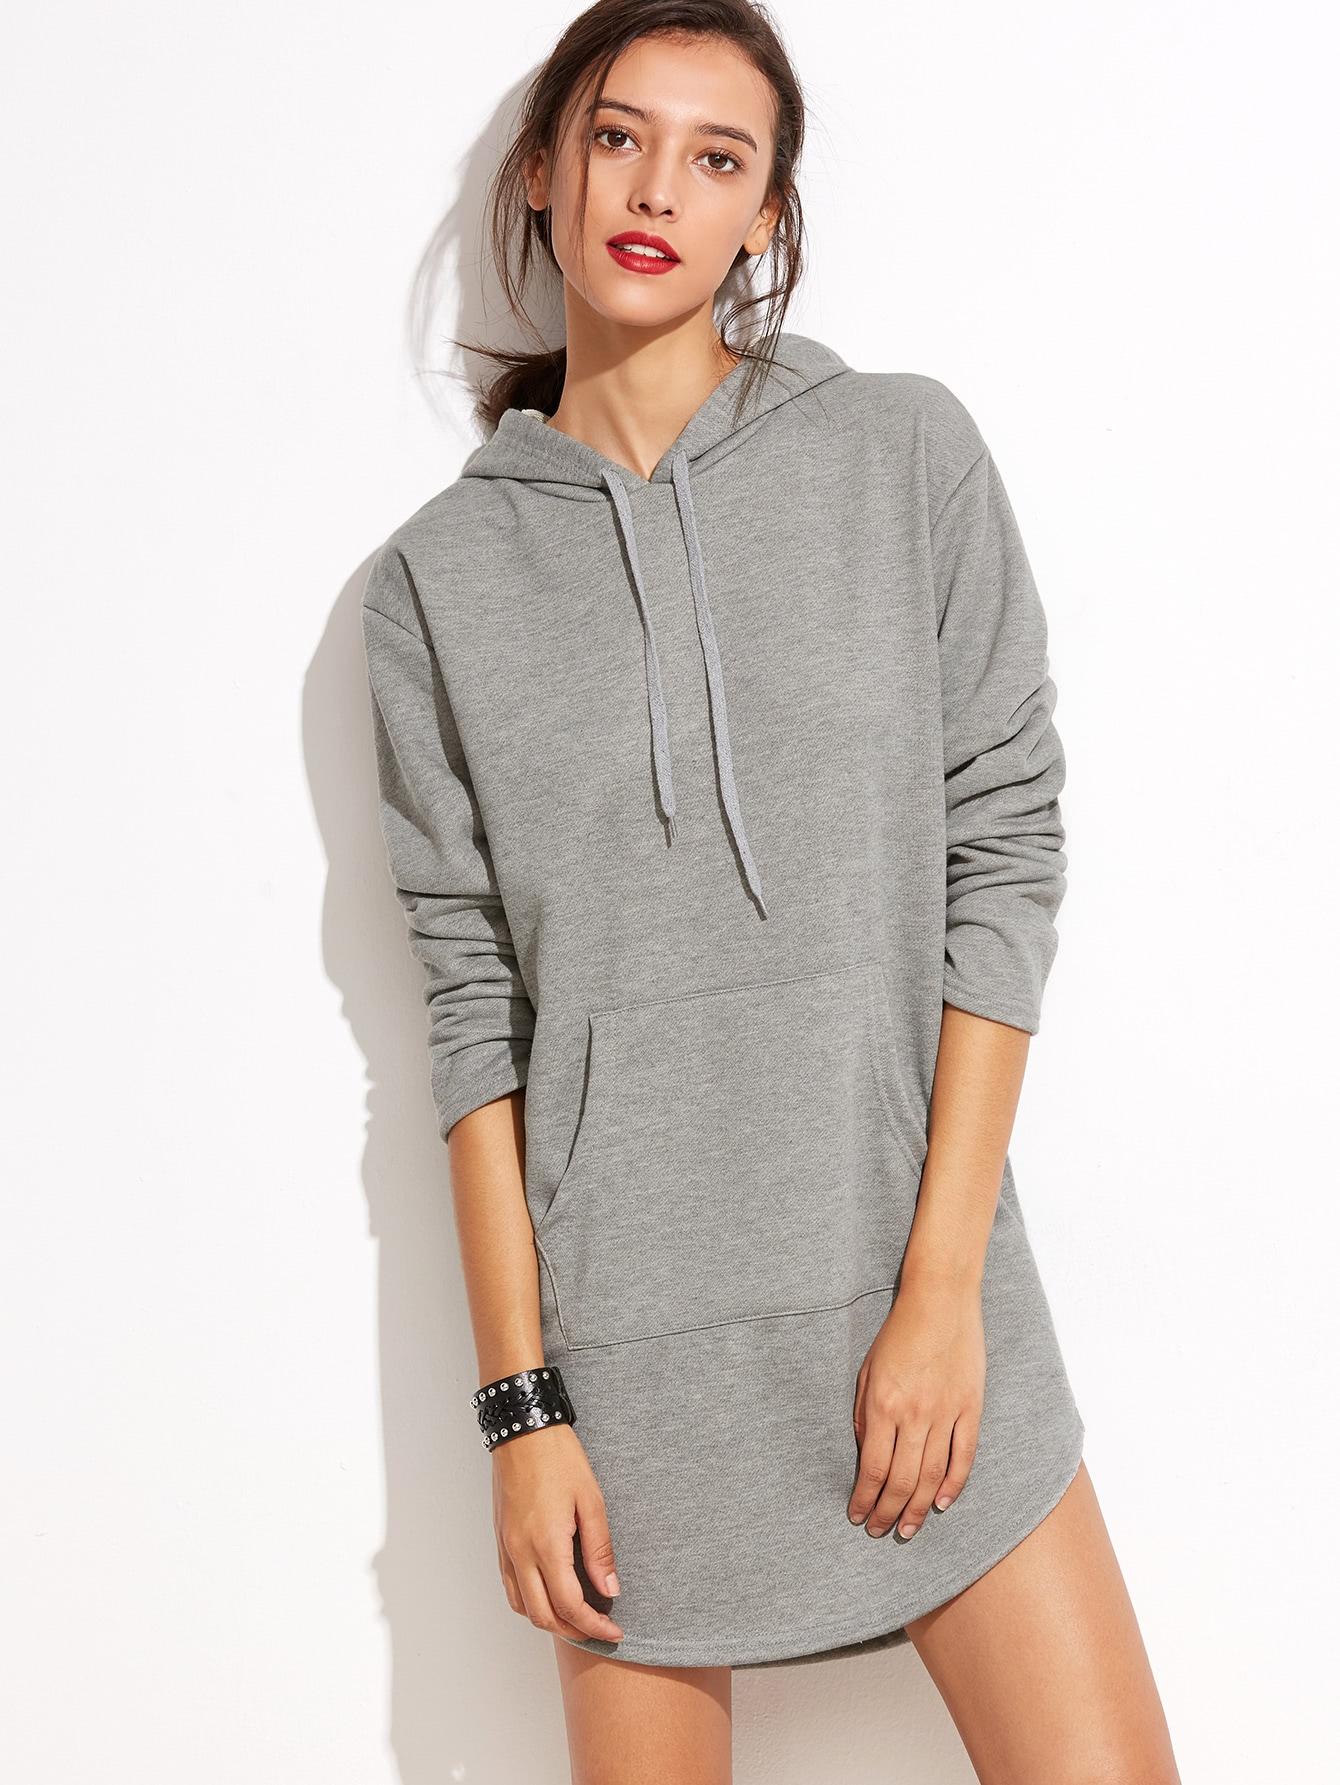 Sweatshirt Kleid mit Kapuzem Tasche-grau